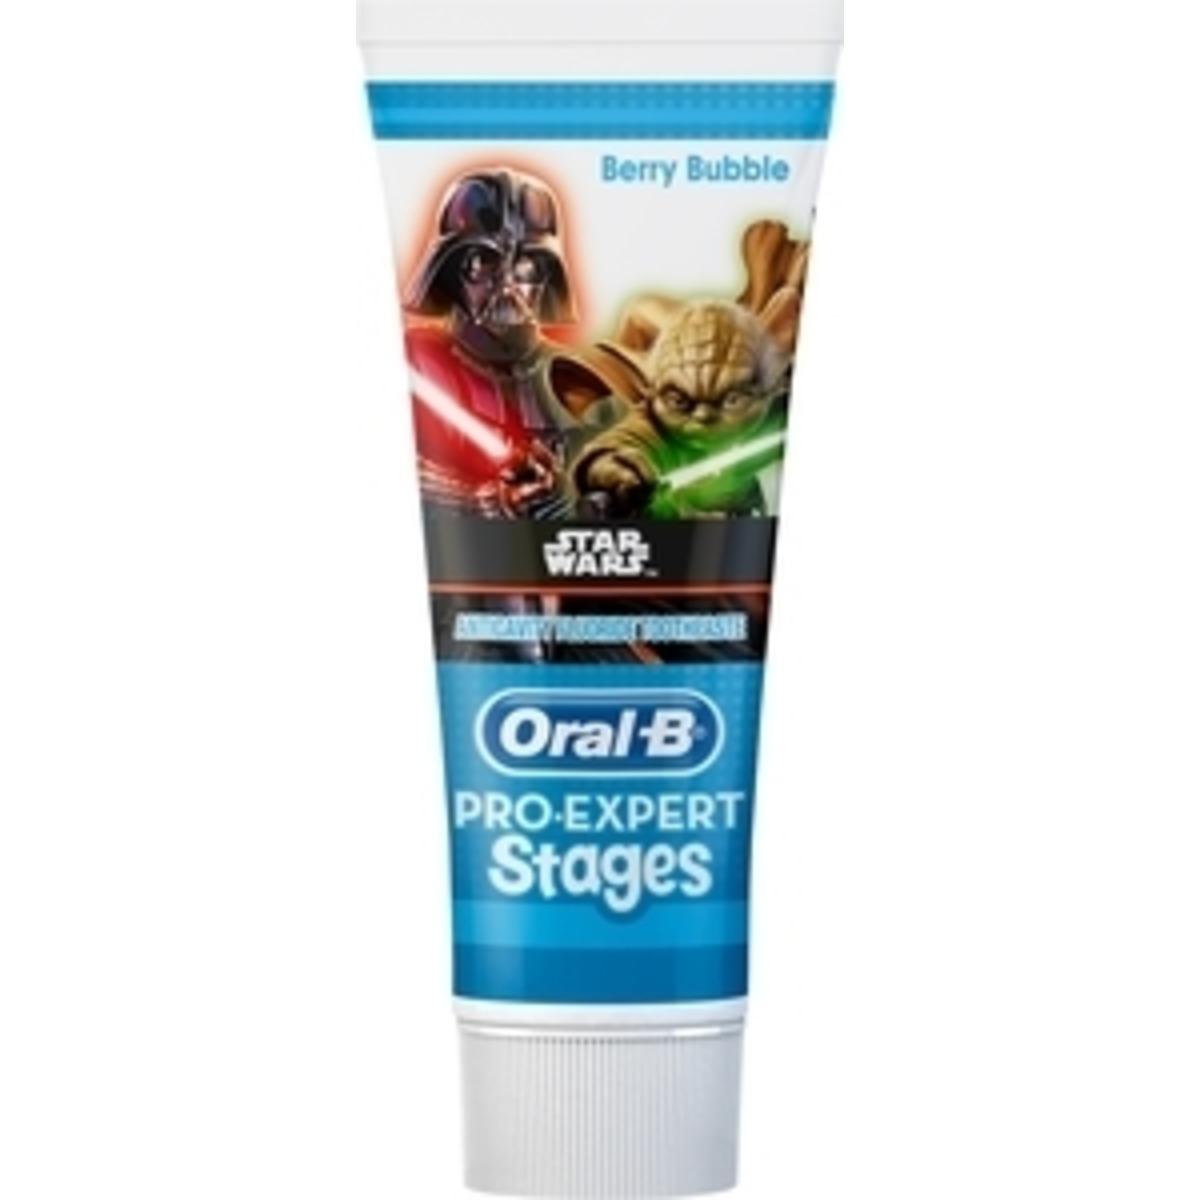 Billede af Oral-B Tandpasta Star Wars - 75 ml